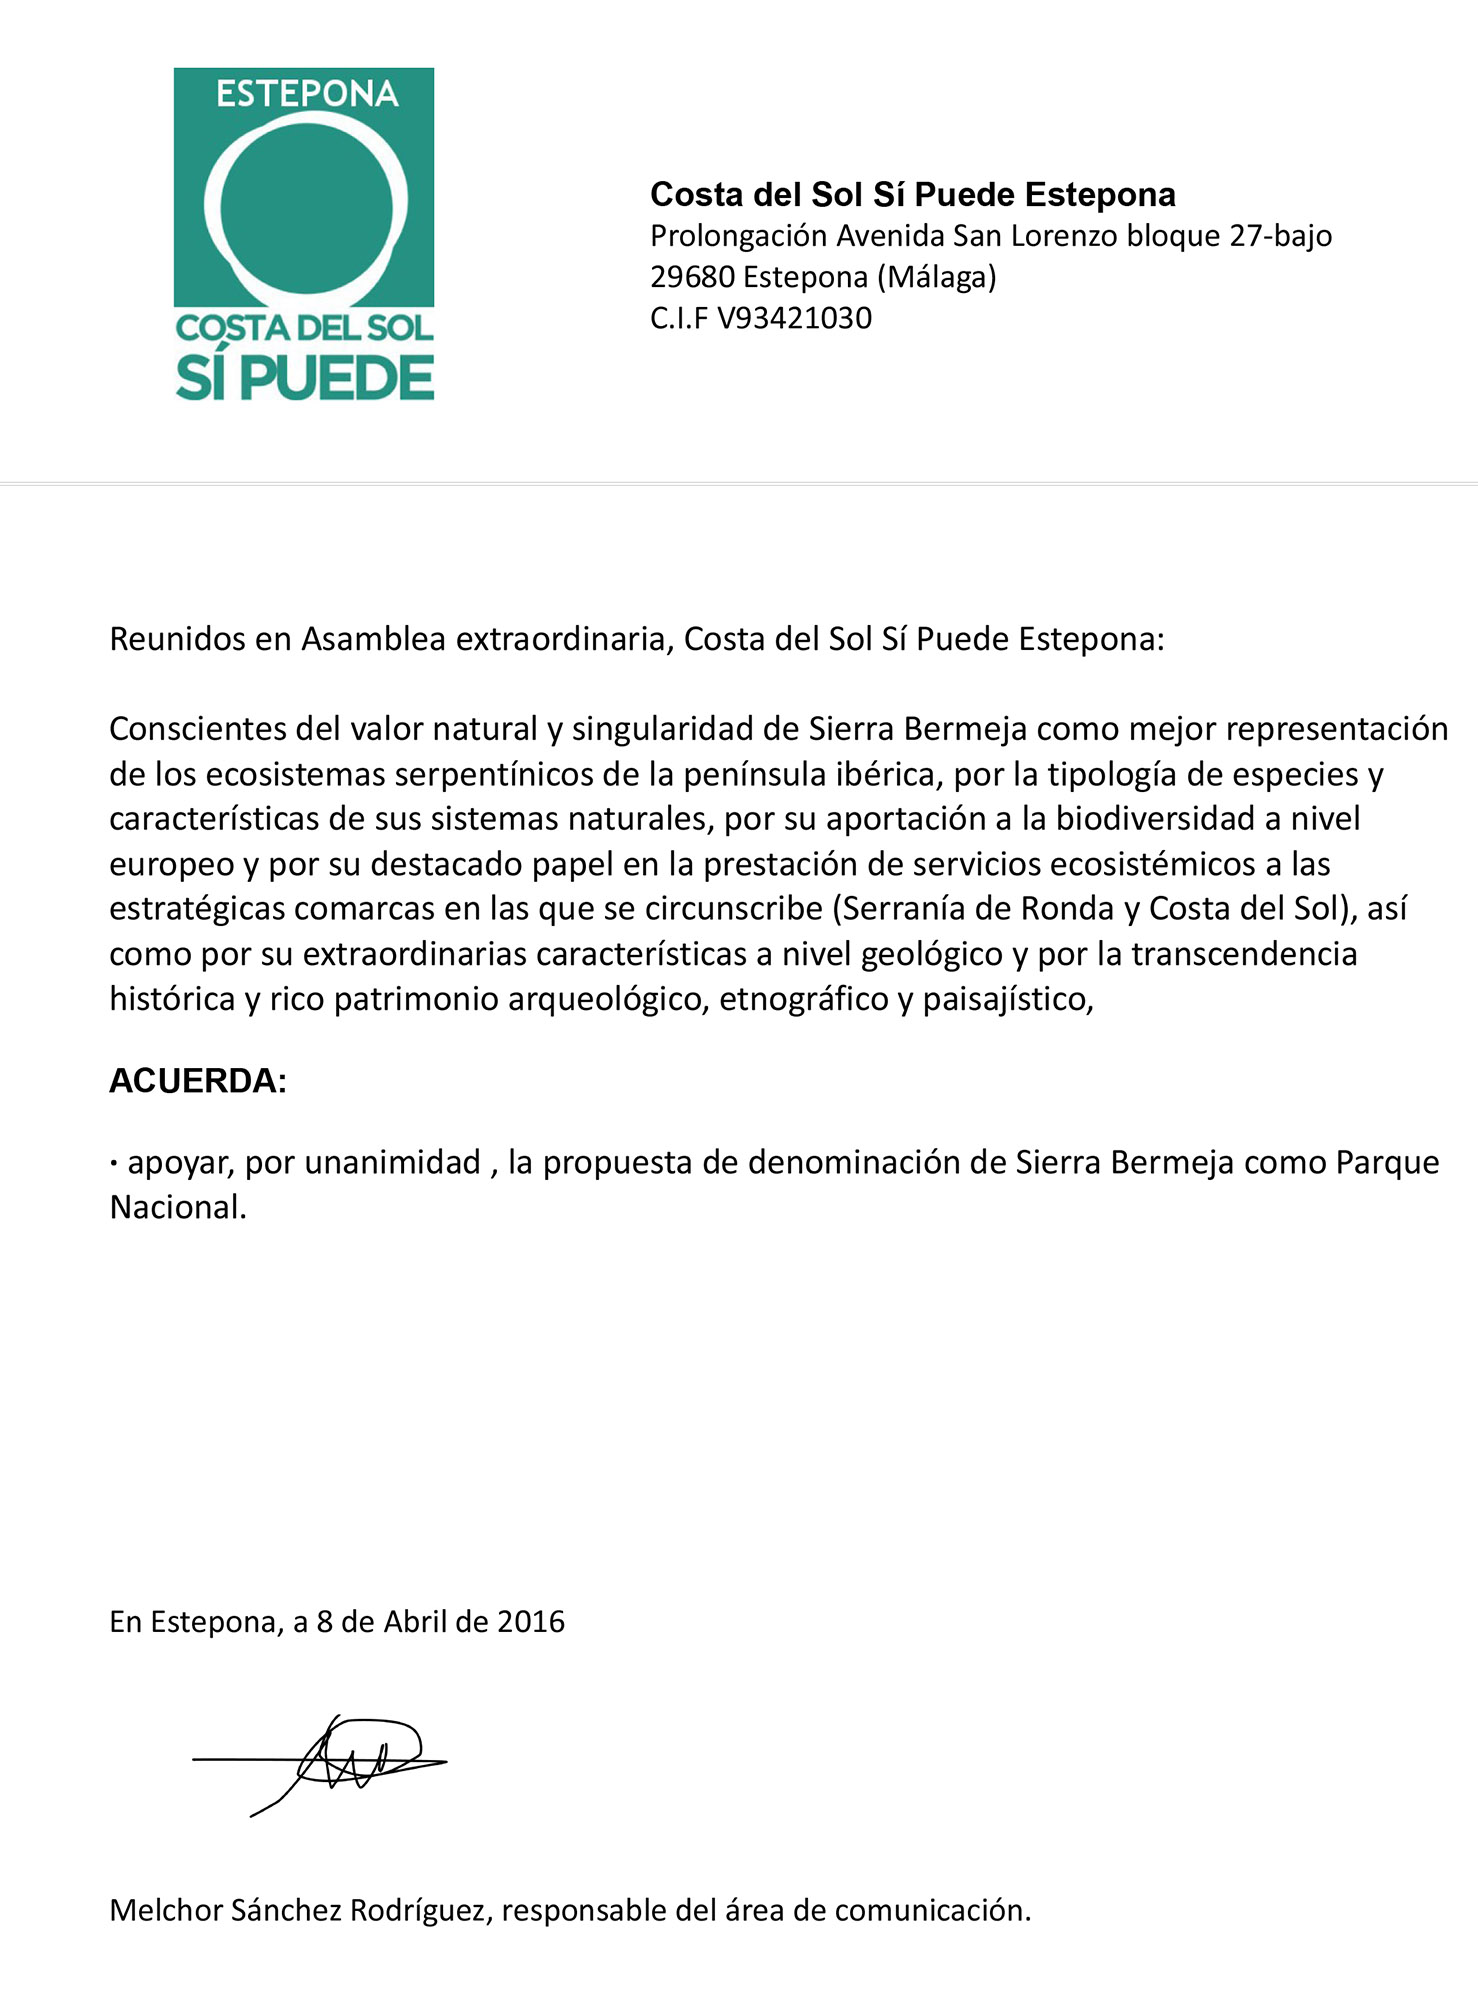 CSSP apoya la declaración de Sierra Bermeja como Parque Nacional